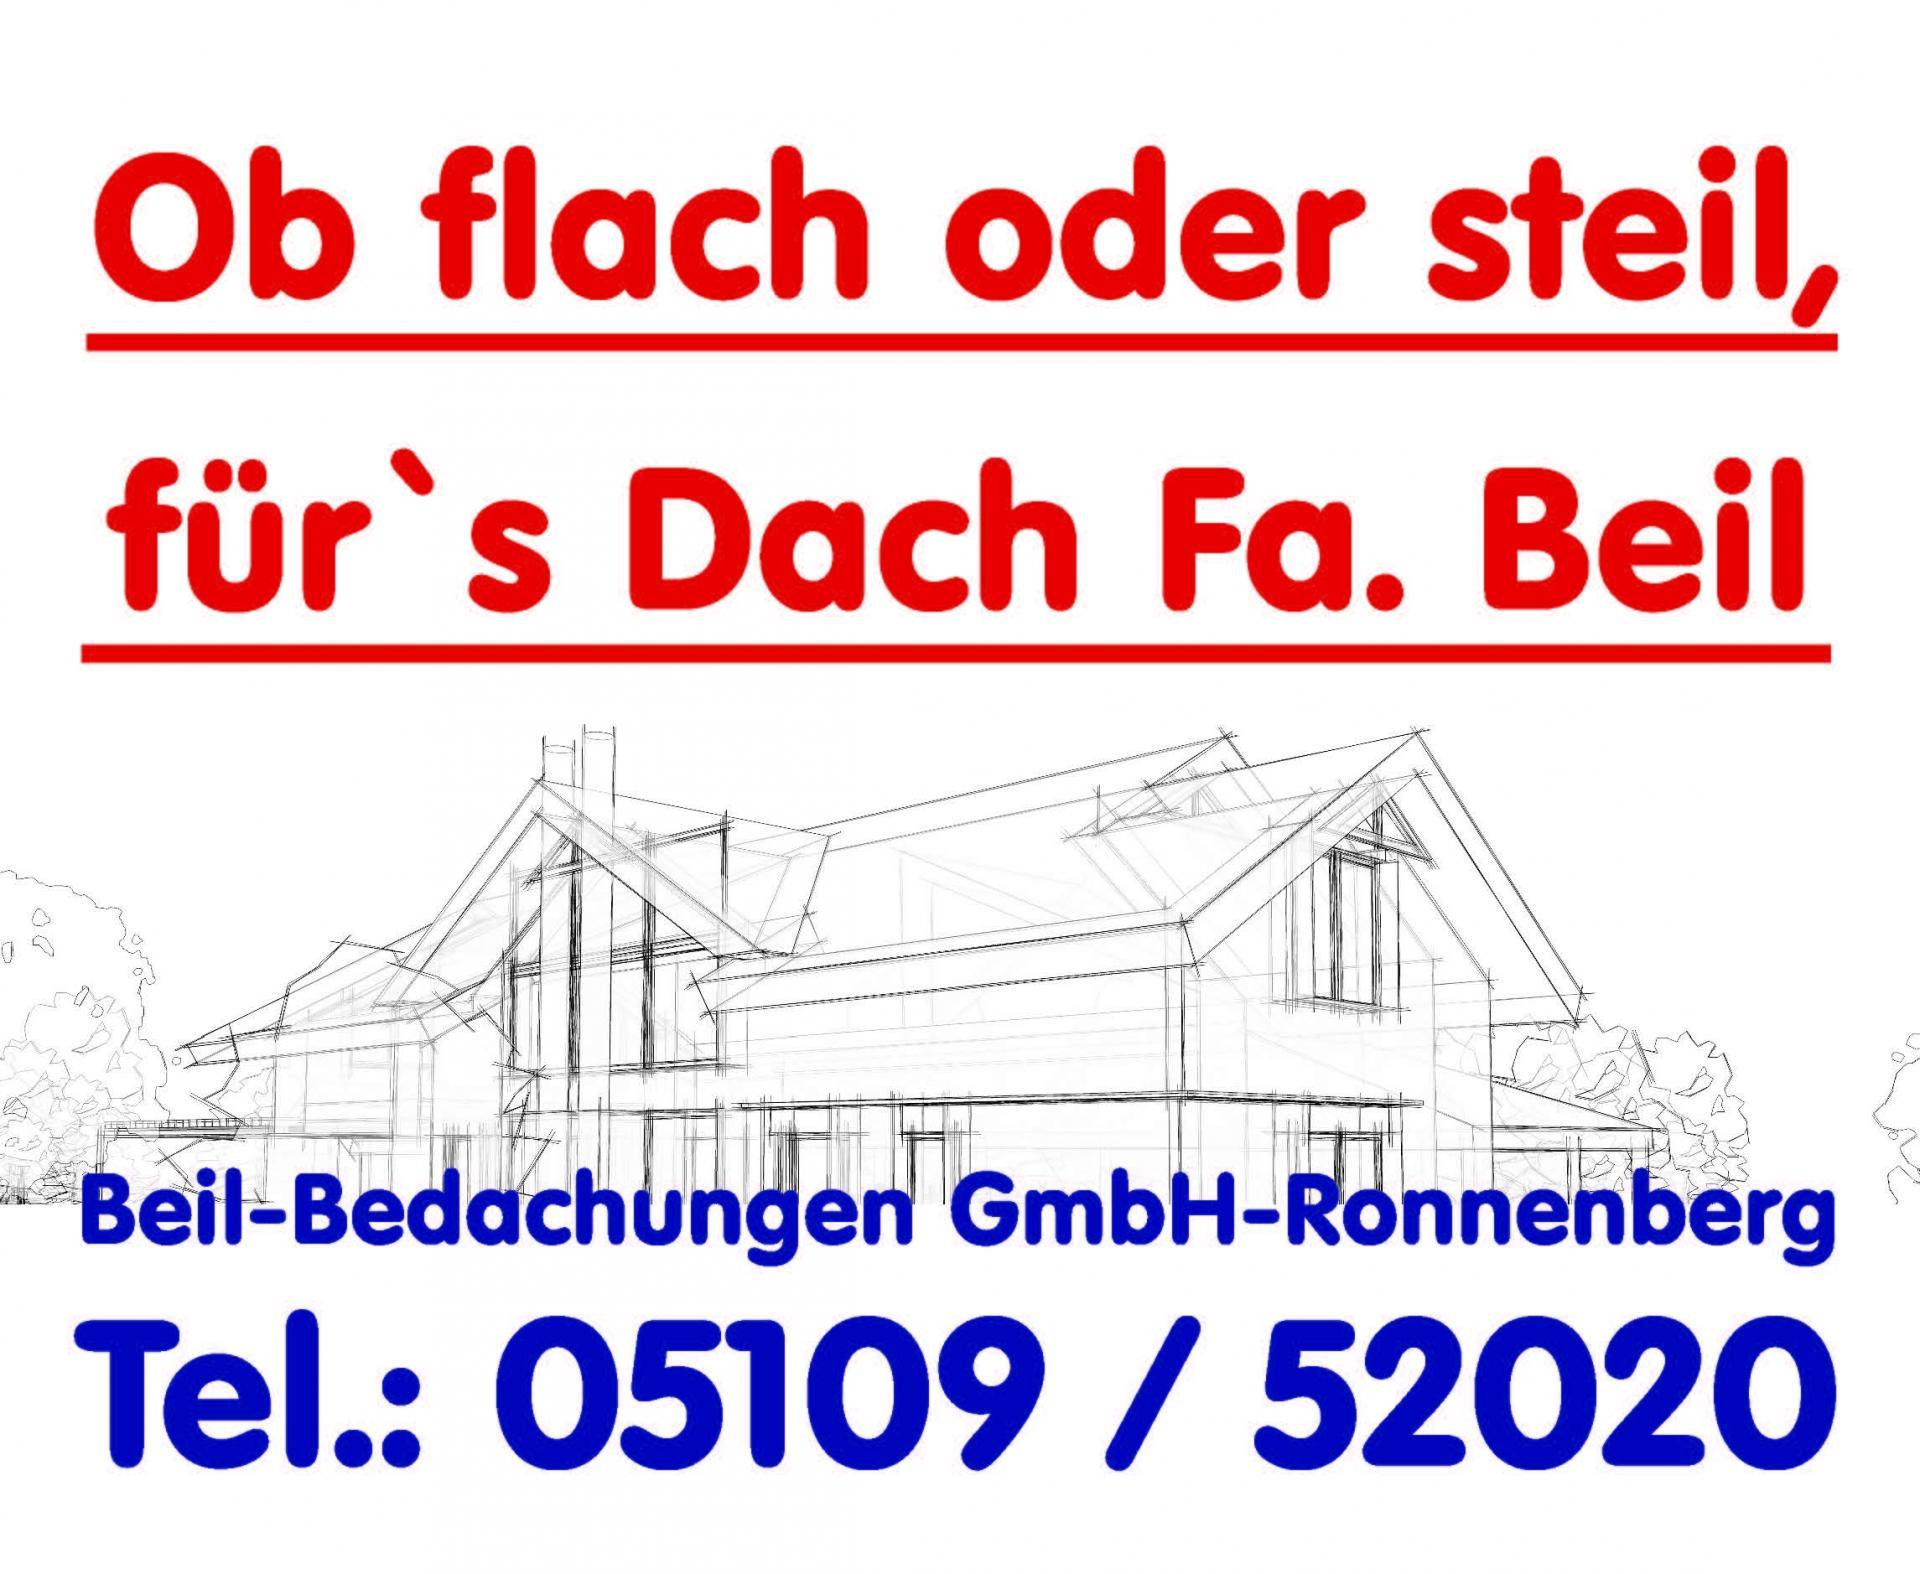 Beil Bedachungen GmbH